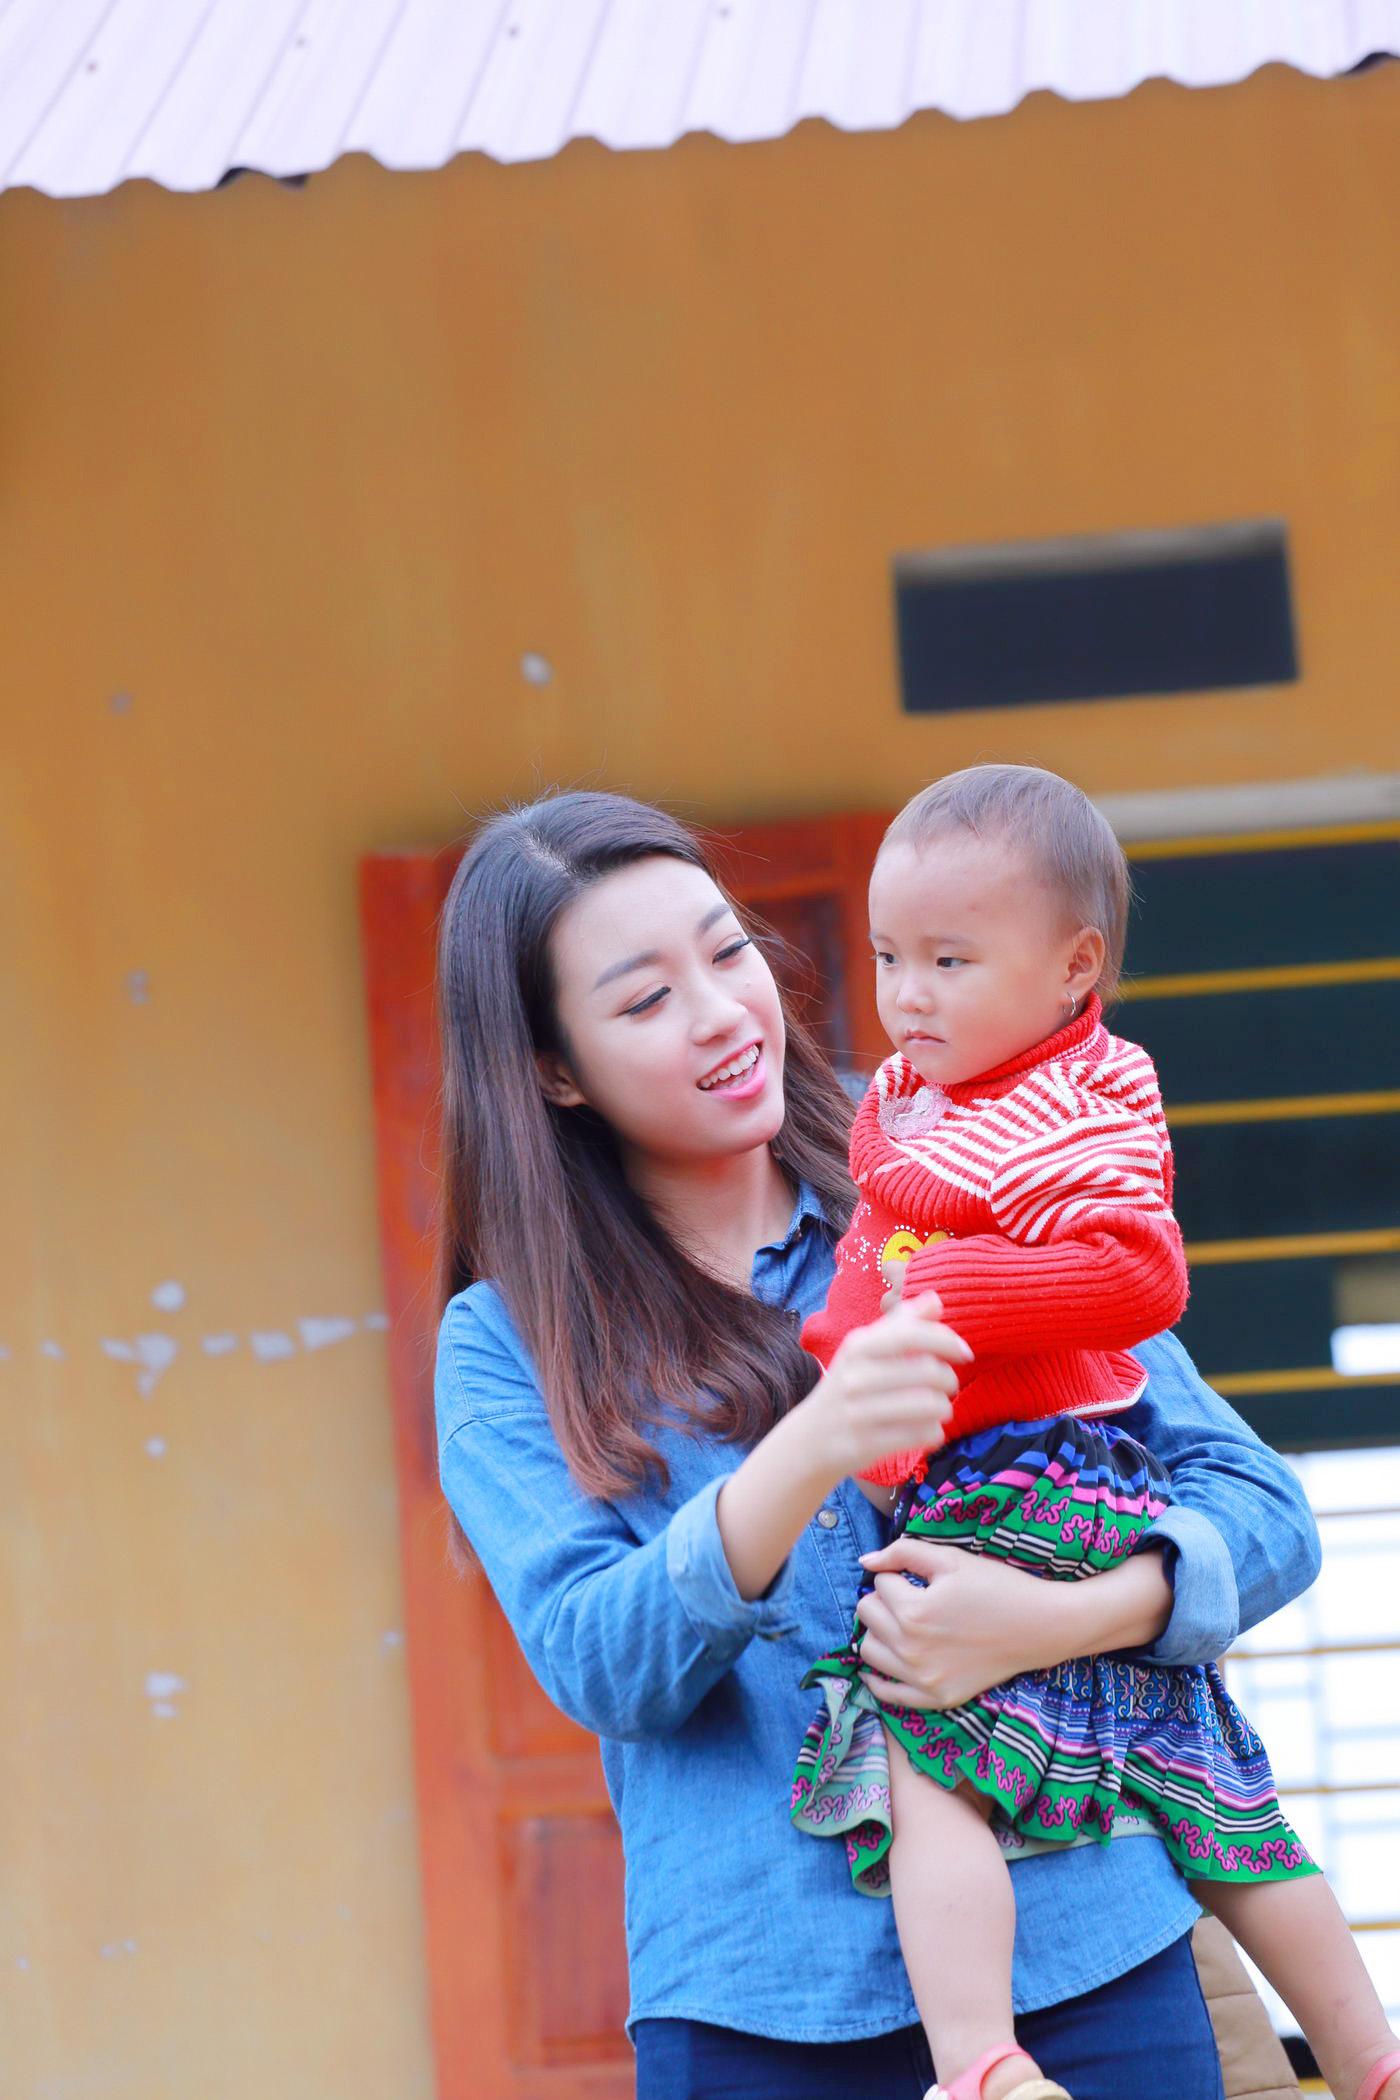 Hoa hậu Mỹ Linh đốn fan bằng sự giản dị khi đi từ thiện 10